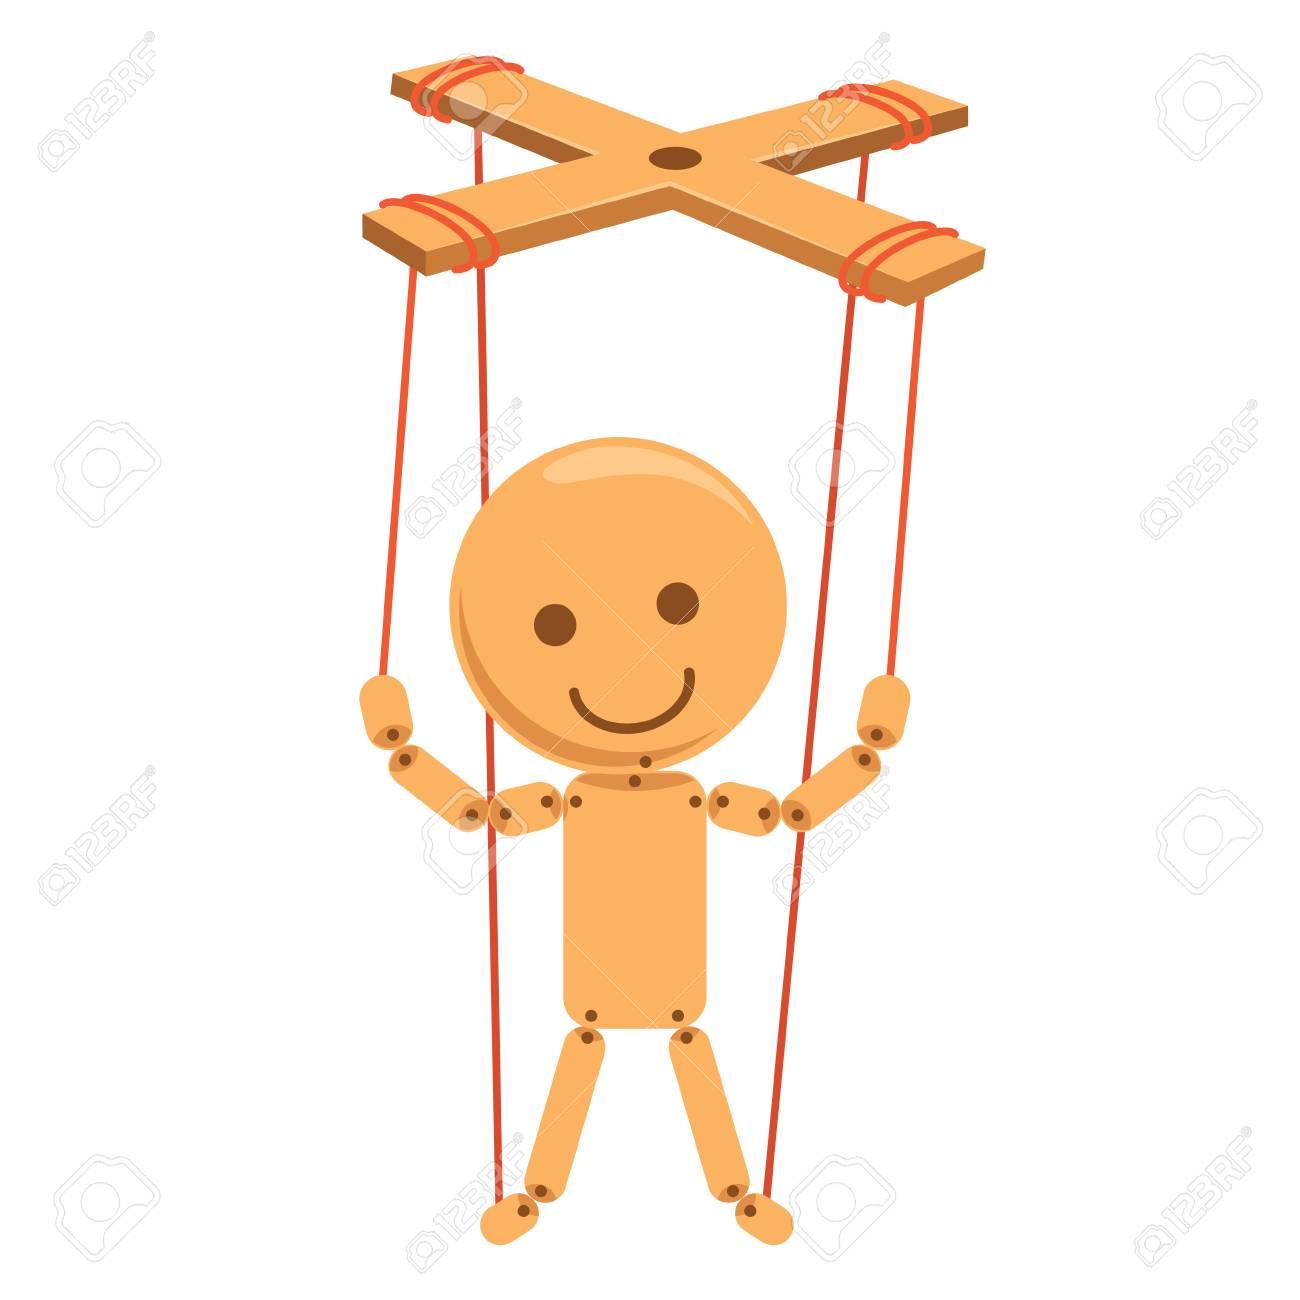 98943864-vector-illustration-of-cartoon-puppet.jpg